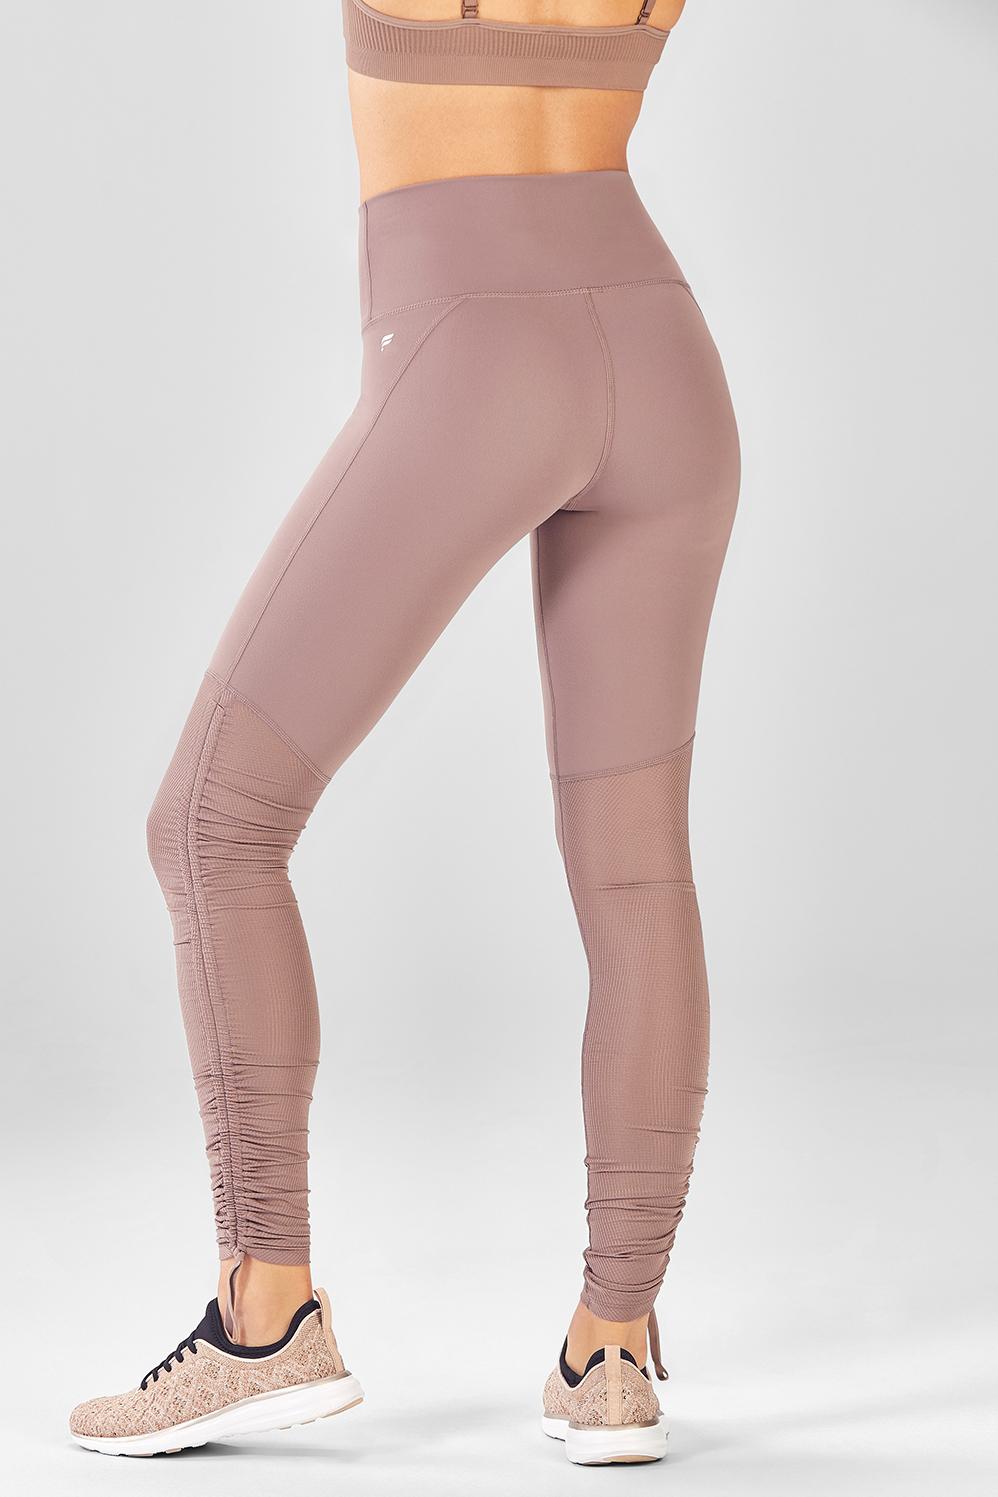 c9f52ec00f189 Cashel Foldover PureLuxe Legging - Fabletics